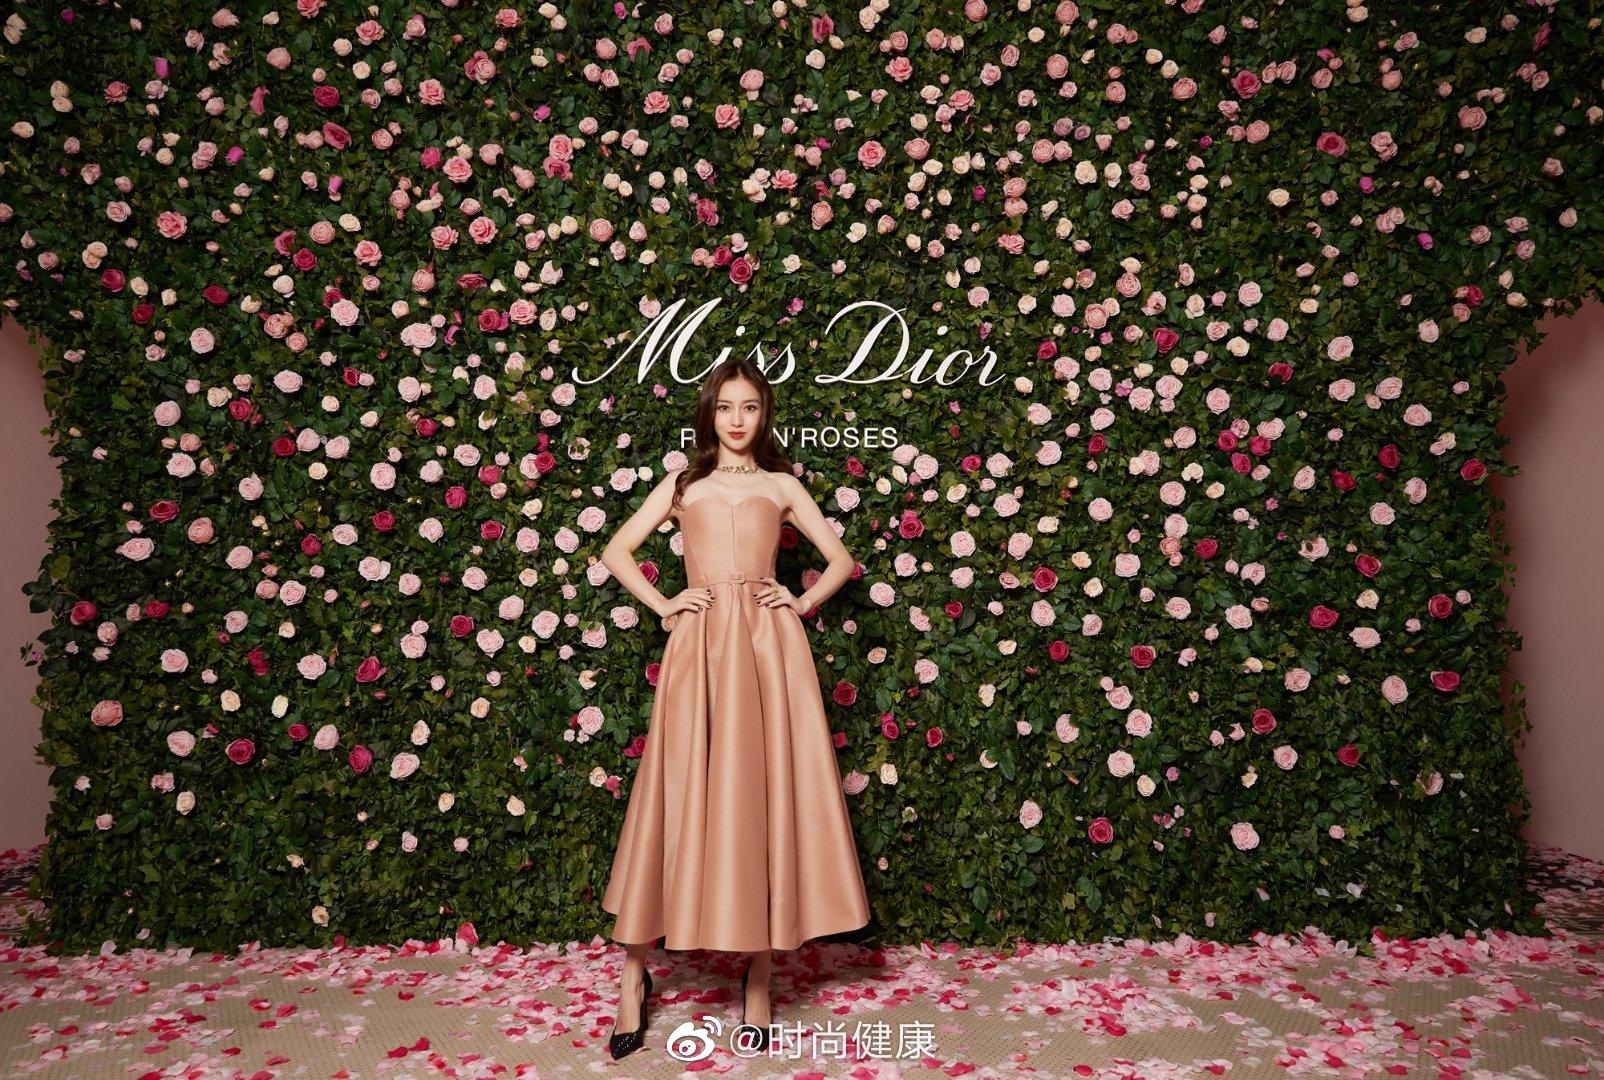 8月14日,MISS DIOR迪奥小姐晚宴于上海总商会盛大举行